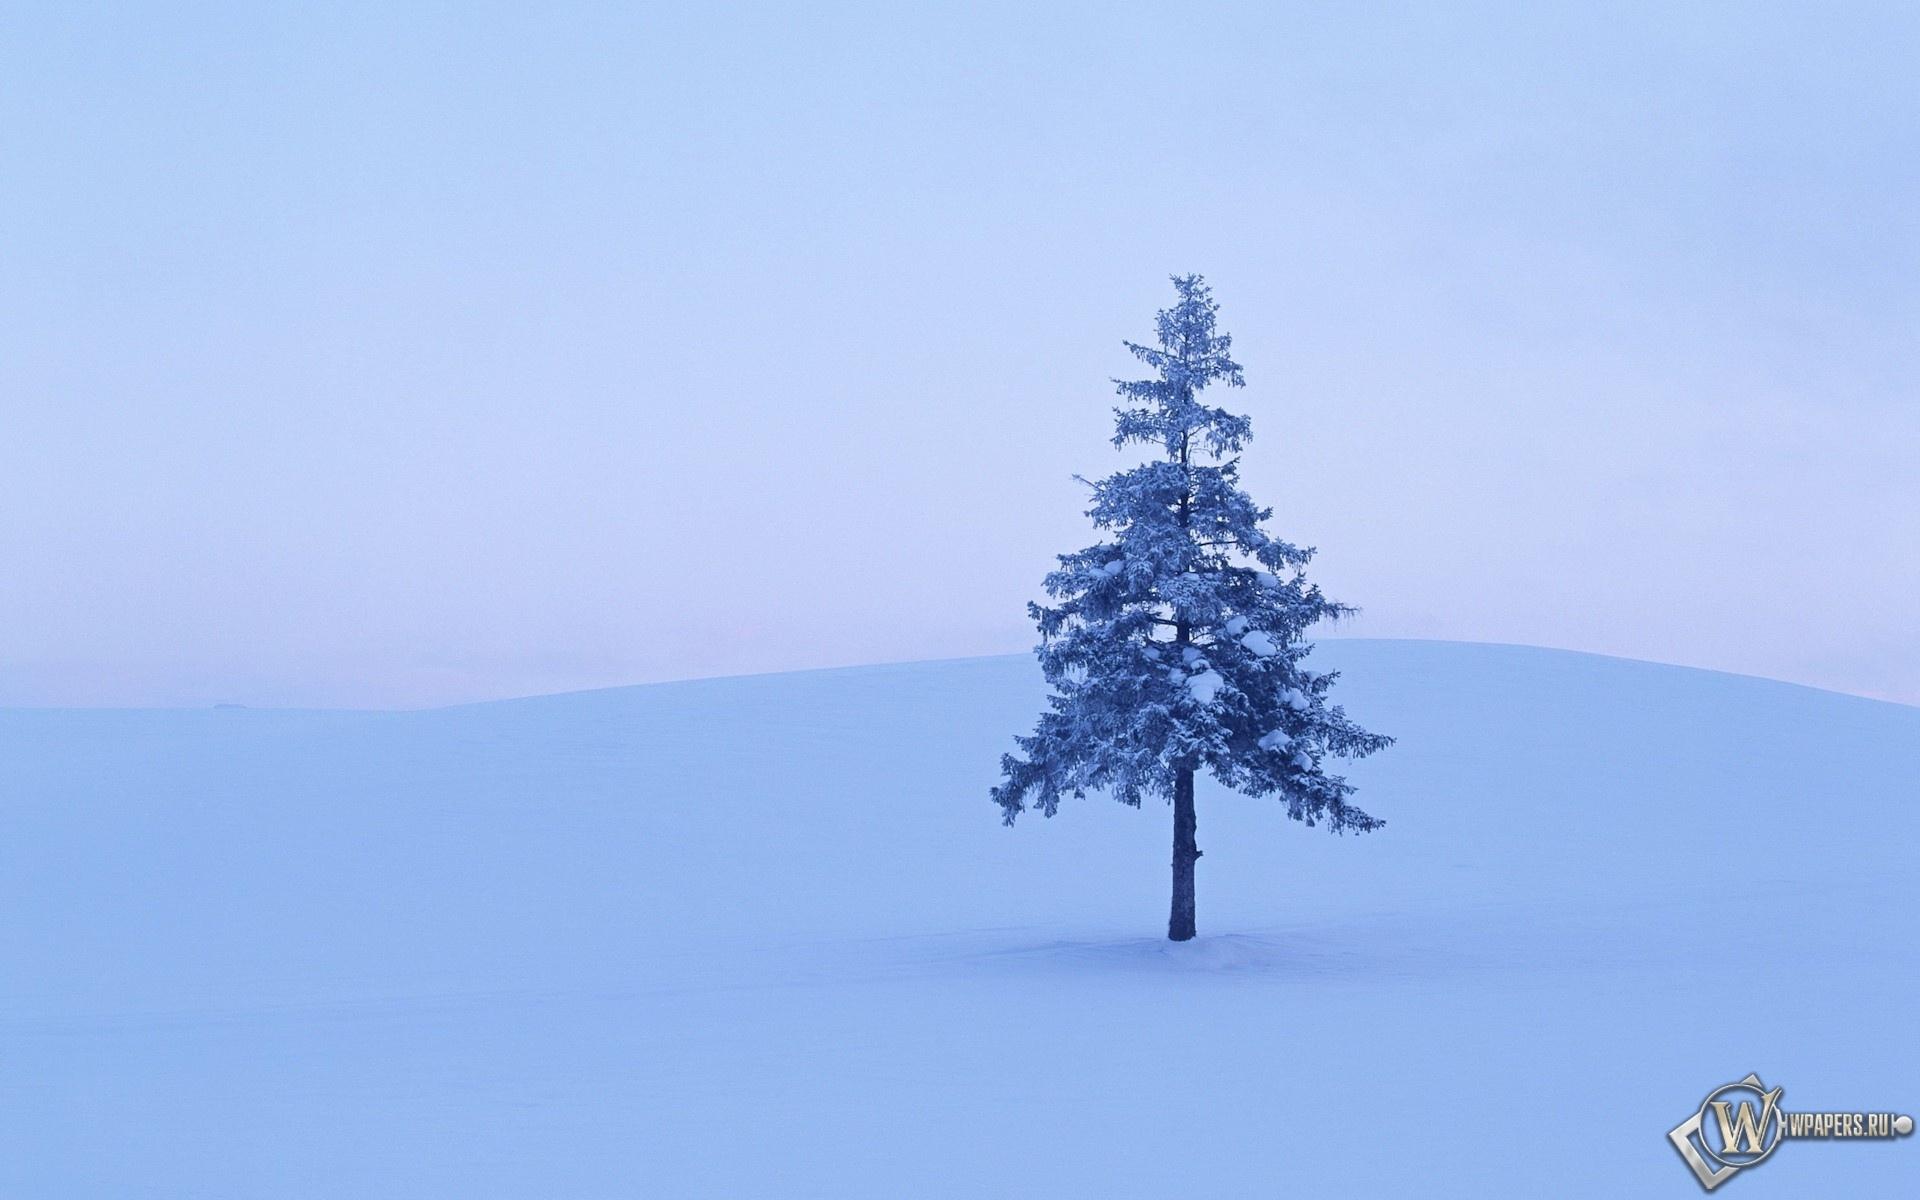 Дерево в снегу 1920x1200